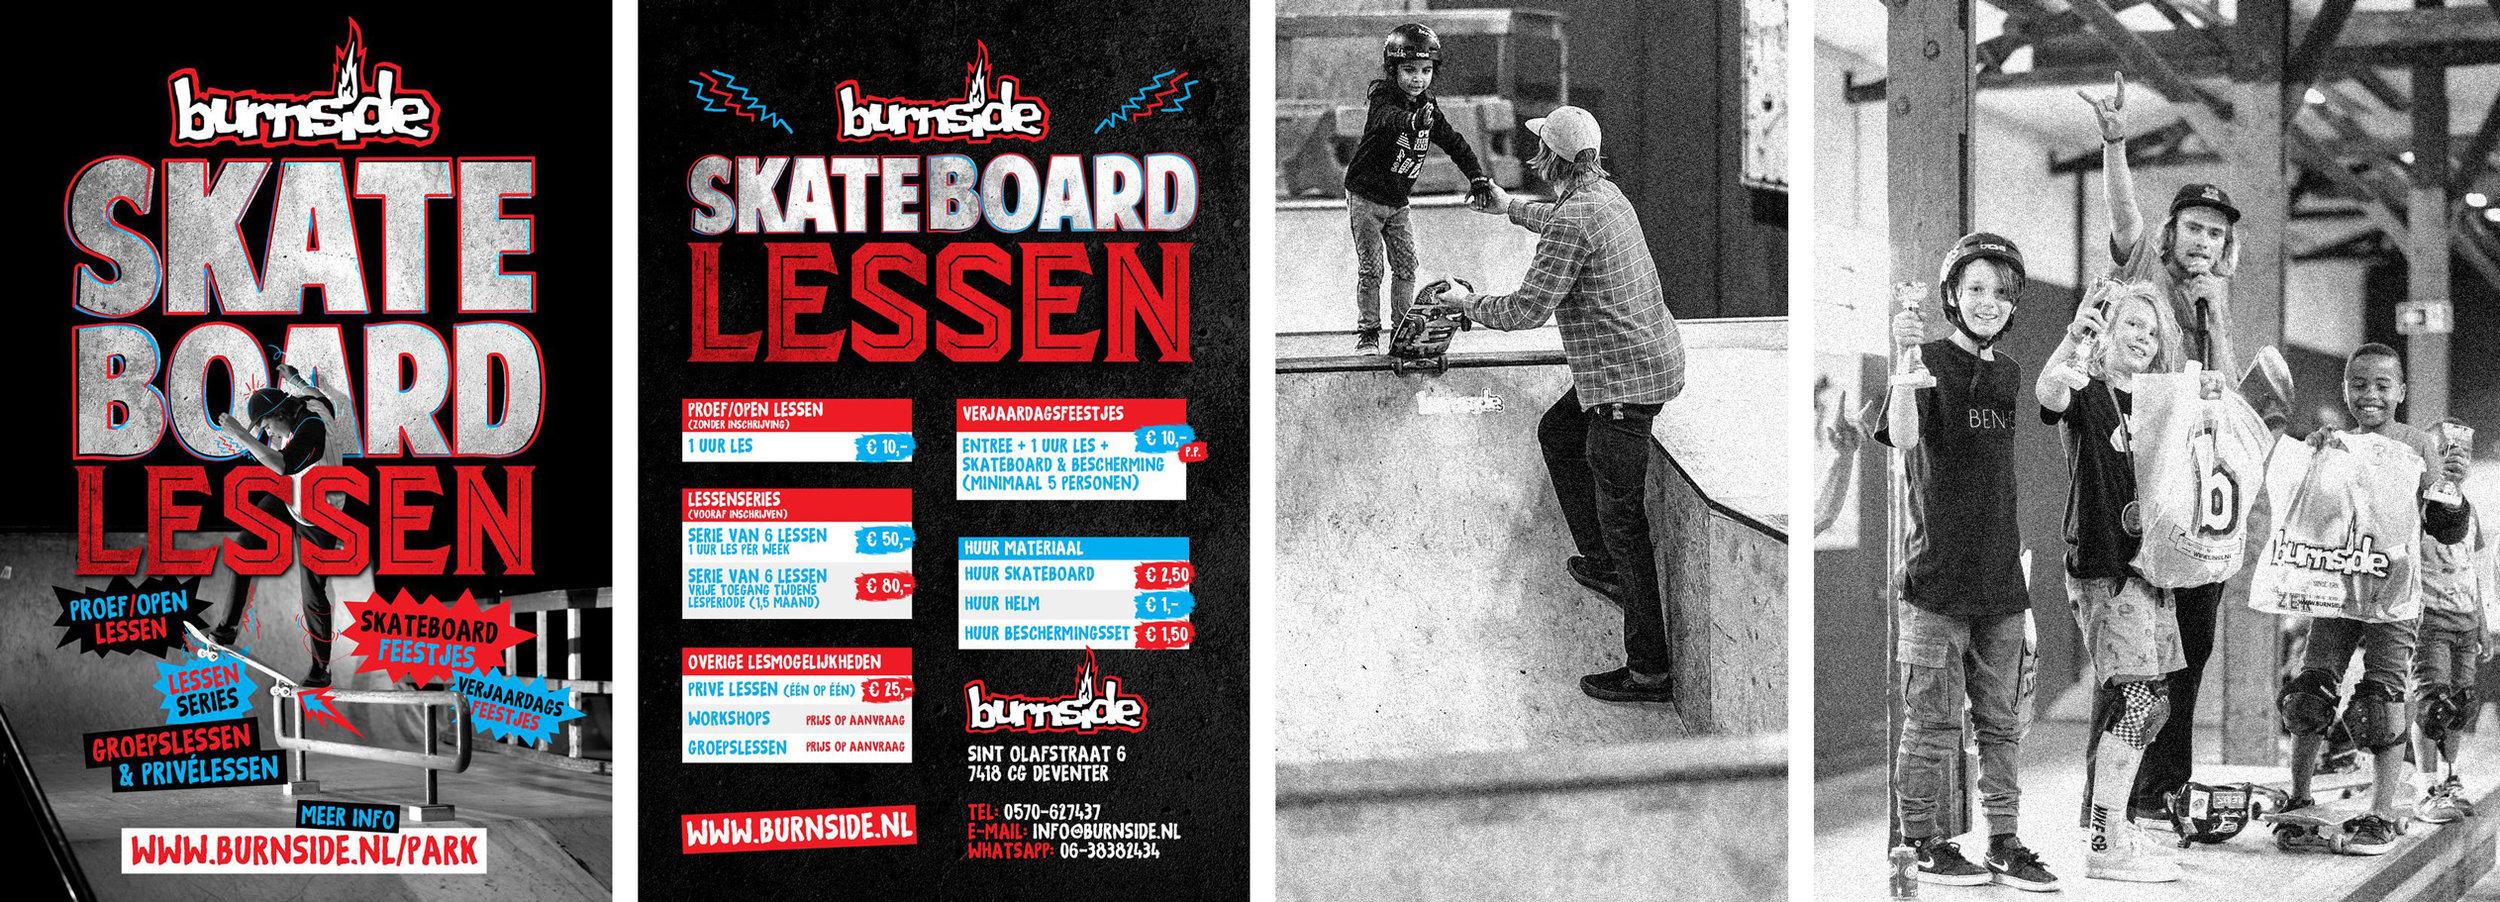 skate_lessen.jpg